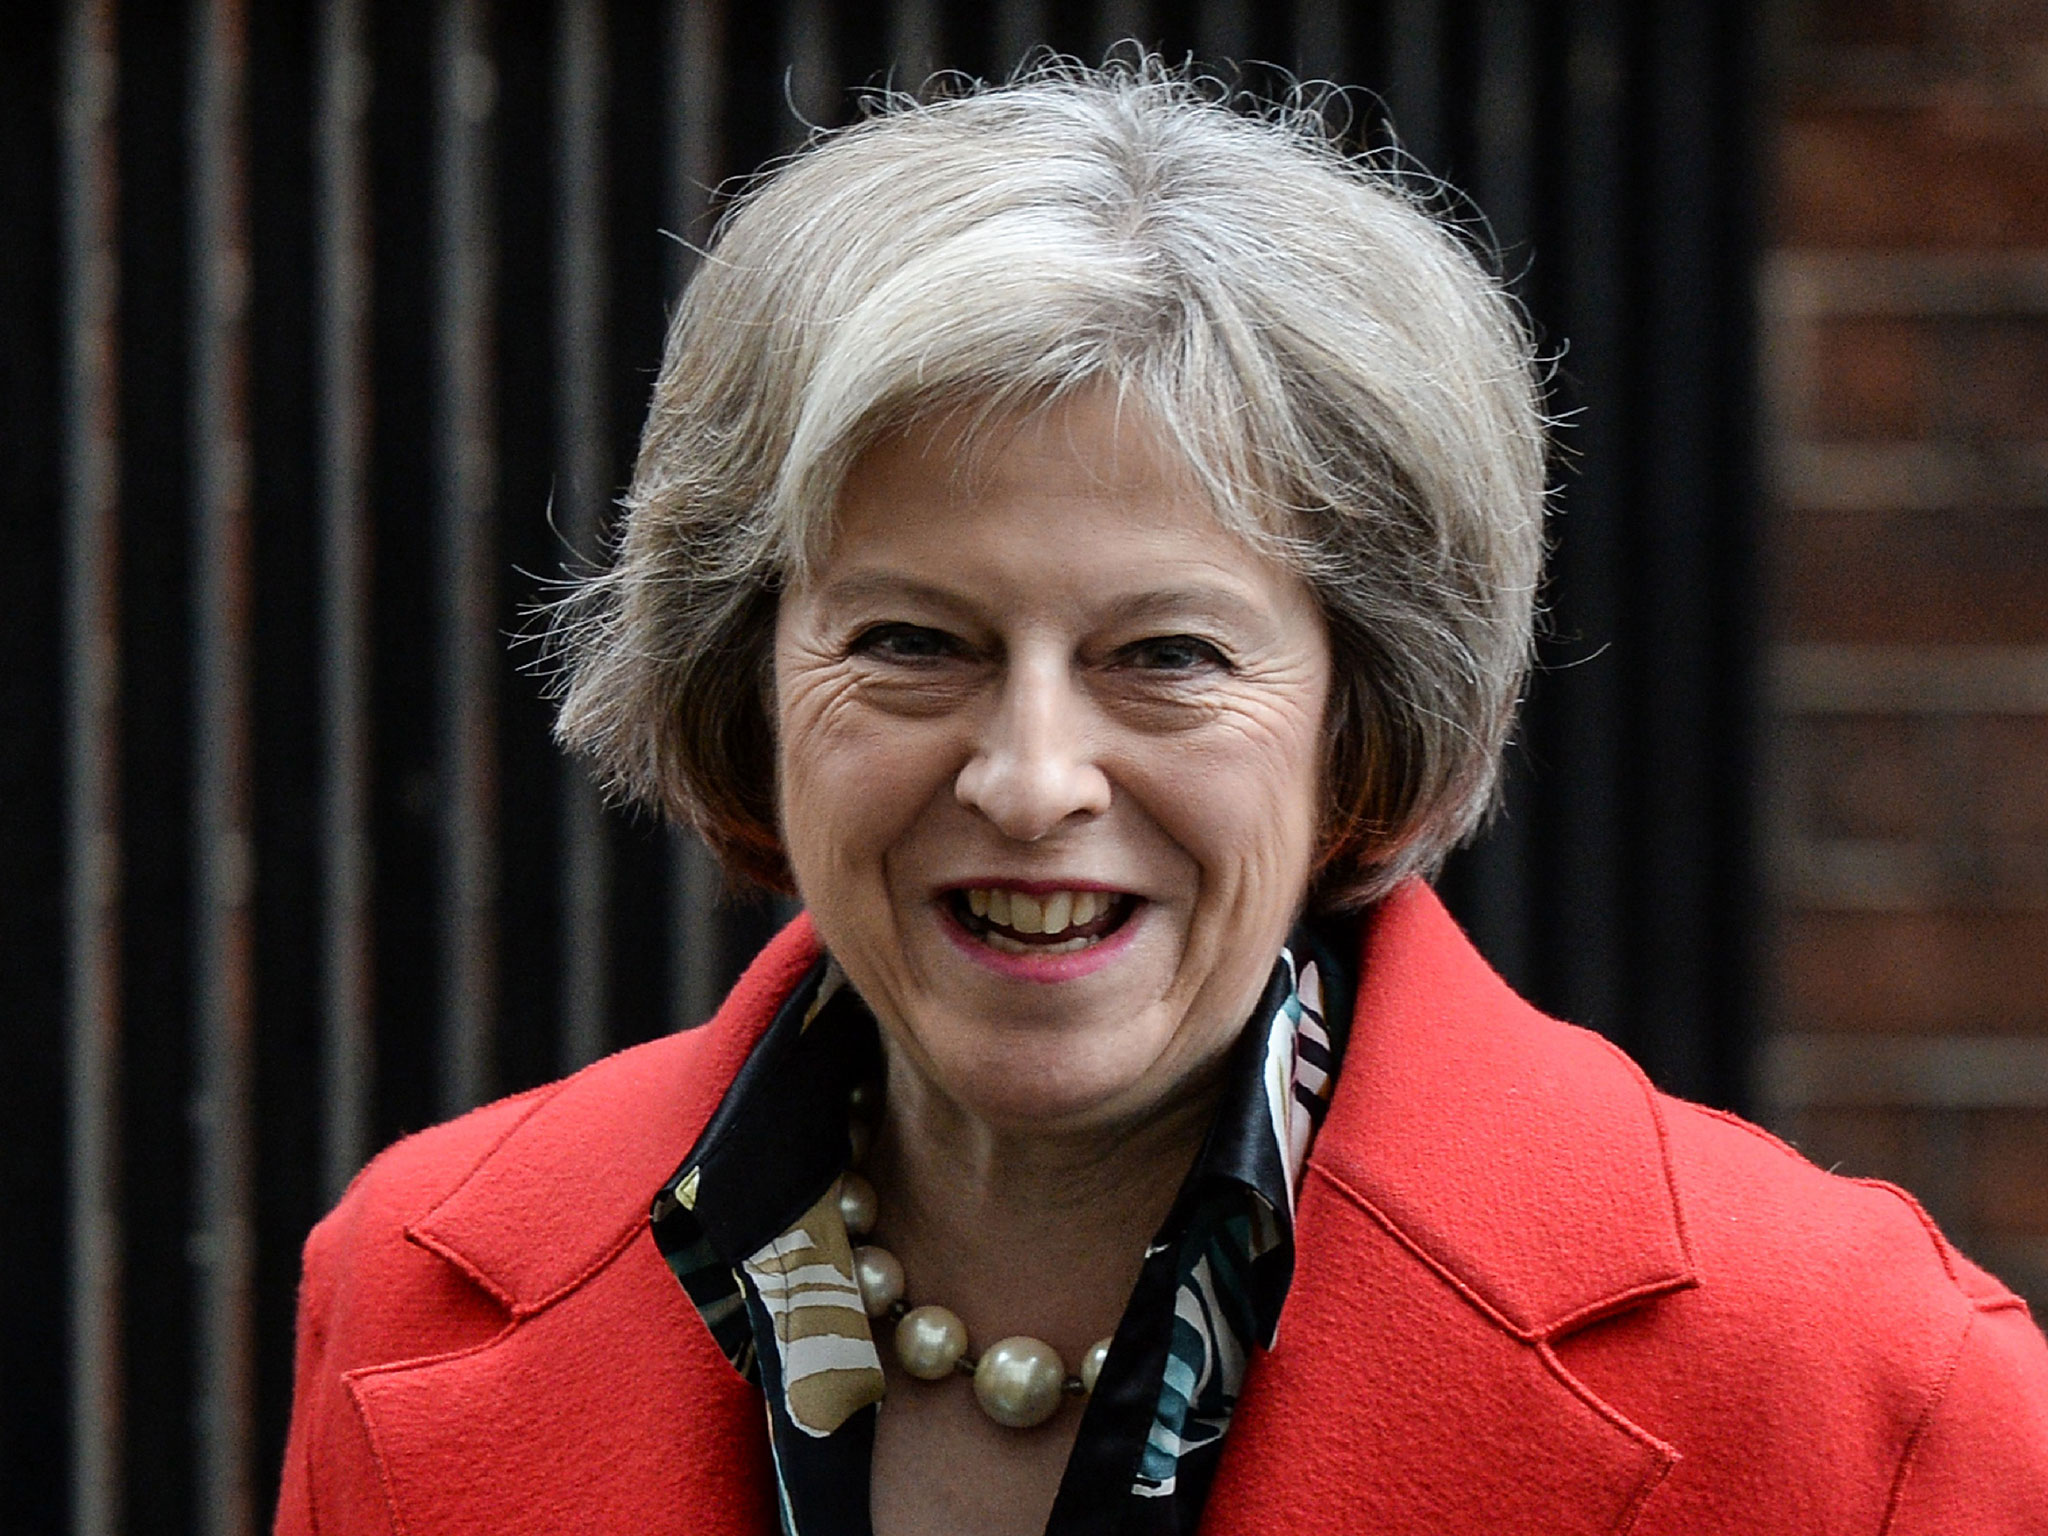 Royaume-Uni: Theresa May va demander à la reine de pouvoir former un gouvernement (BBC)